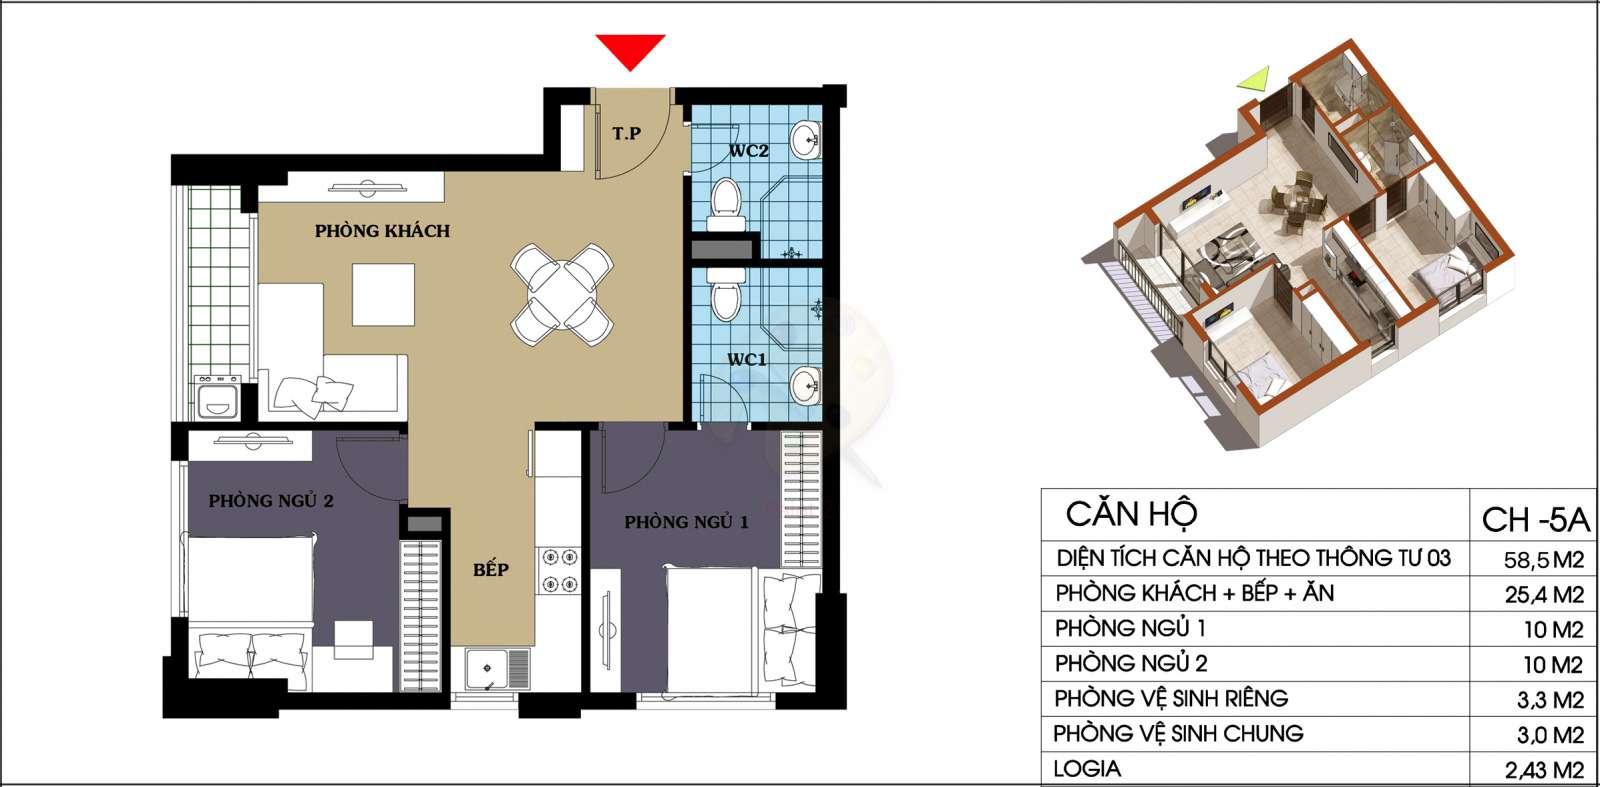 Mặt bằng căn hộ 58,5 m2 dự án 987 tam trinh